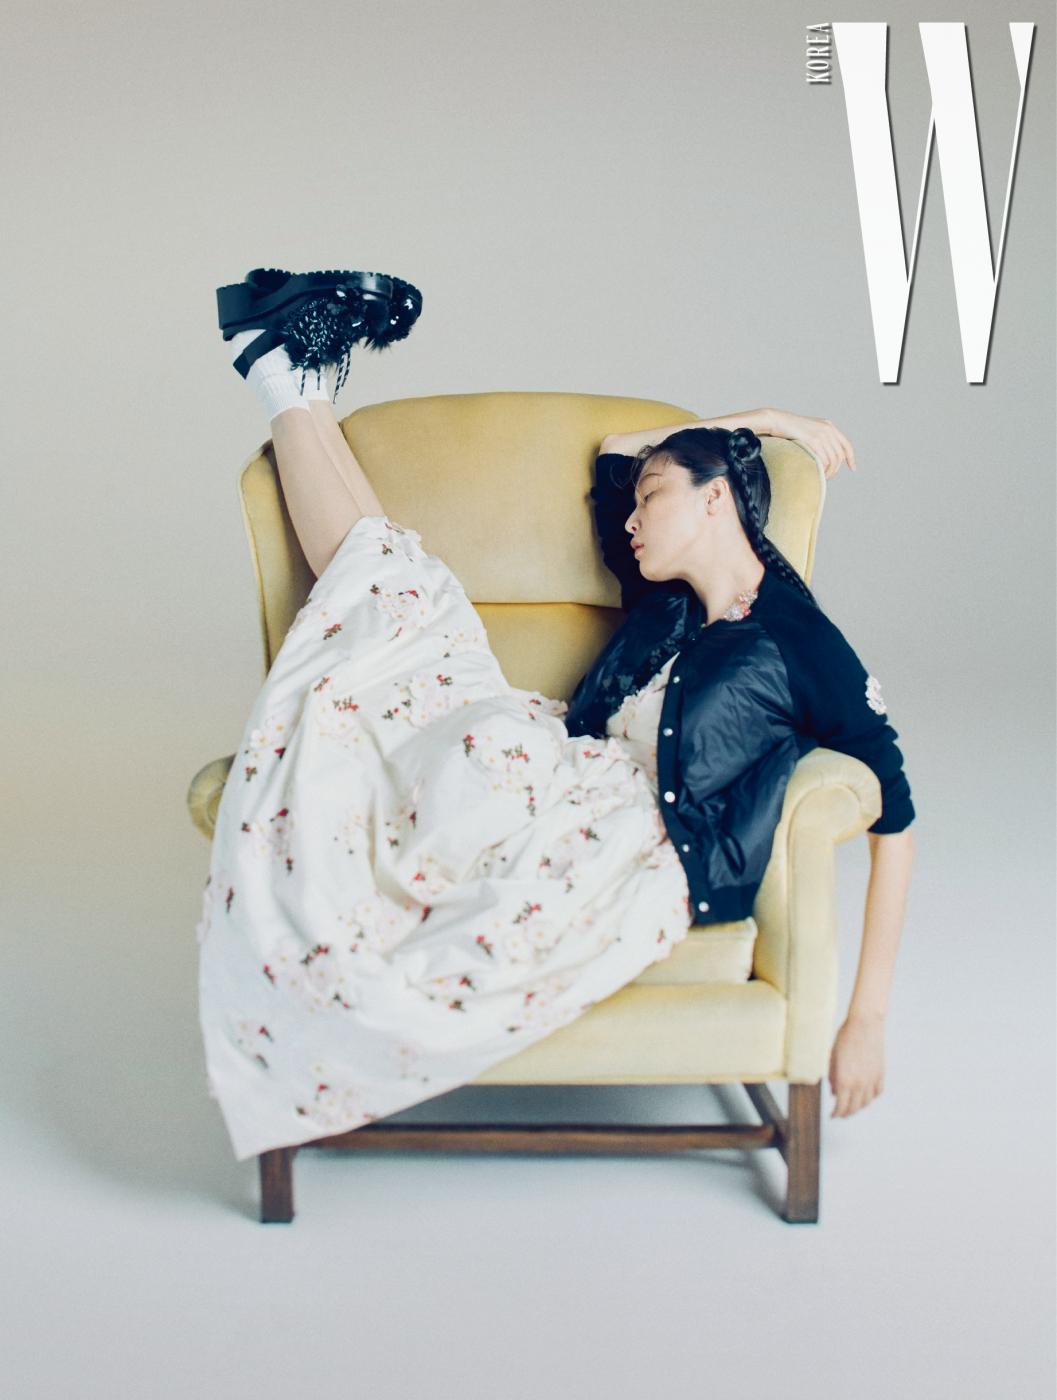 입체적인 꽃 장식의 패딩 드레스, 니트 카디건, 꽃과 퍼 장식의 레이스업 샌들은 모두 4 Moncler Simone Rocha 제품.